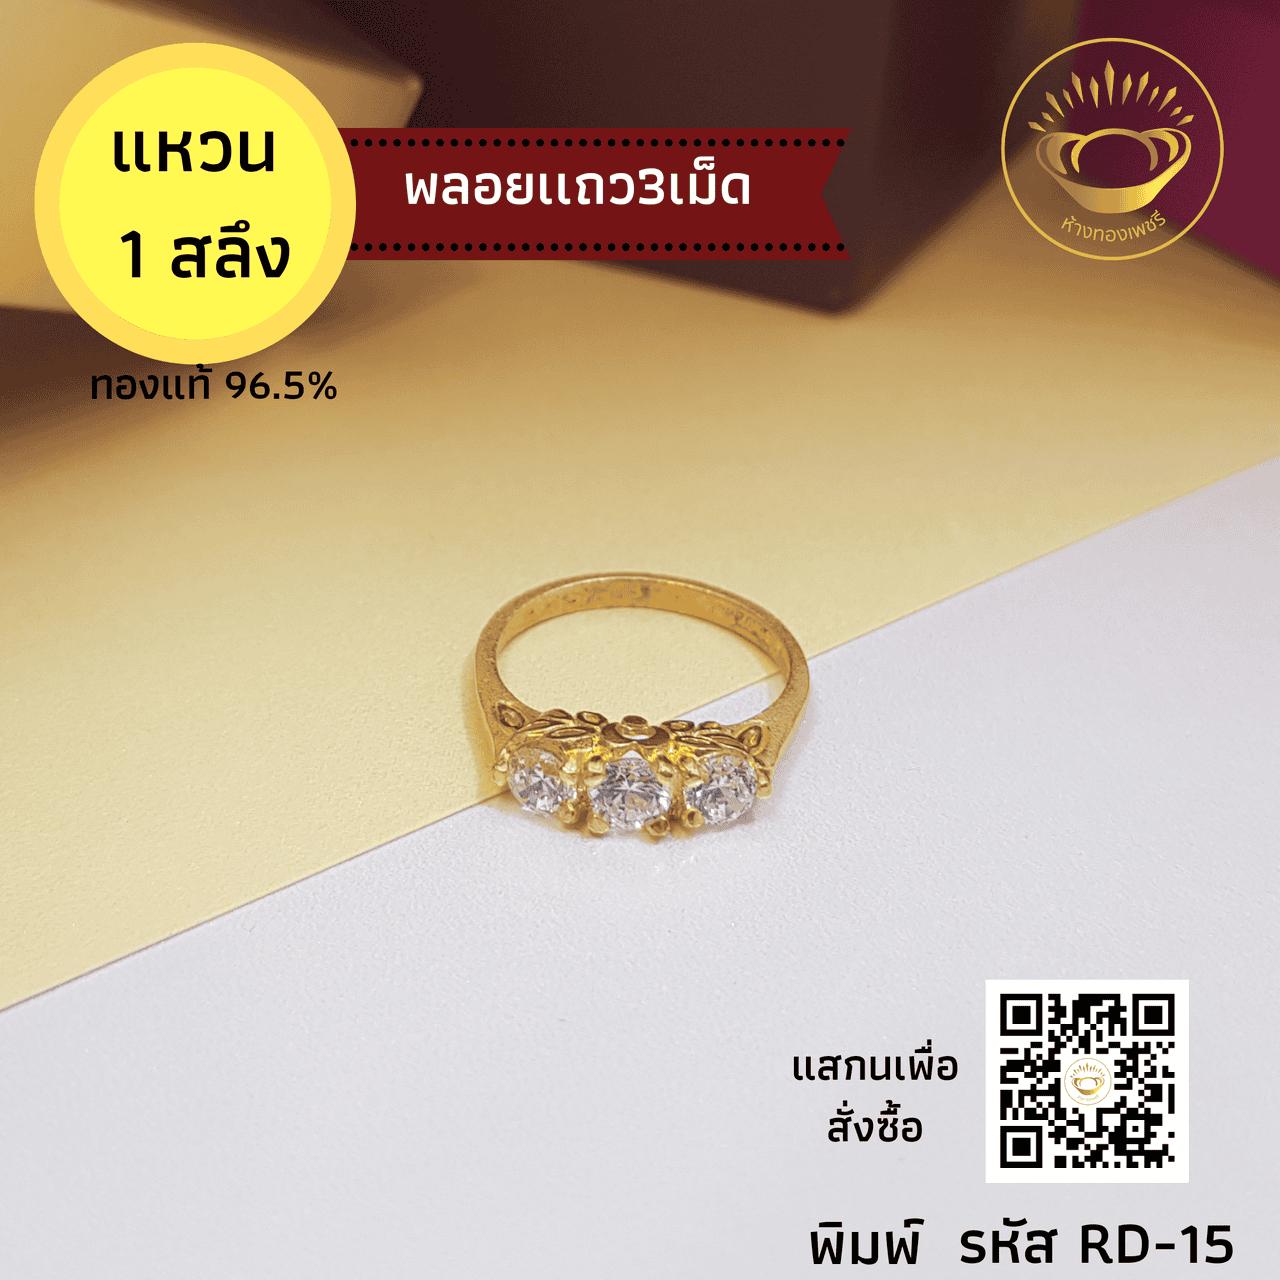 แหวนทองคำแท้ 1สลึง(3.79 กรัม)  พลอยแถว3เม็ด RD-15